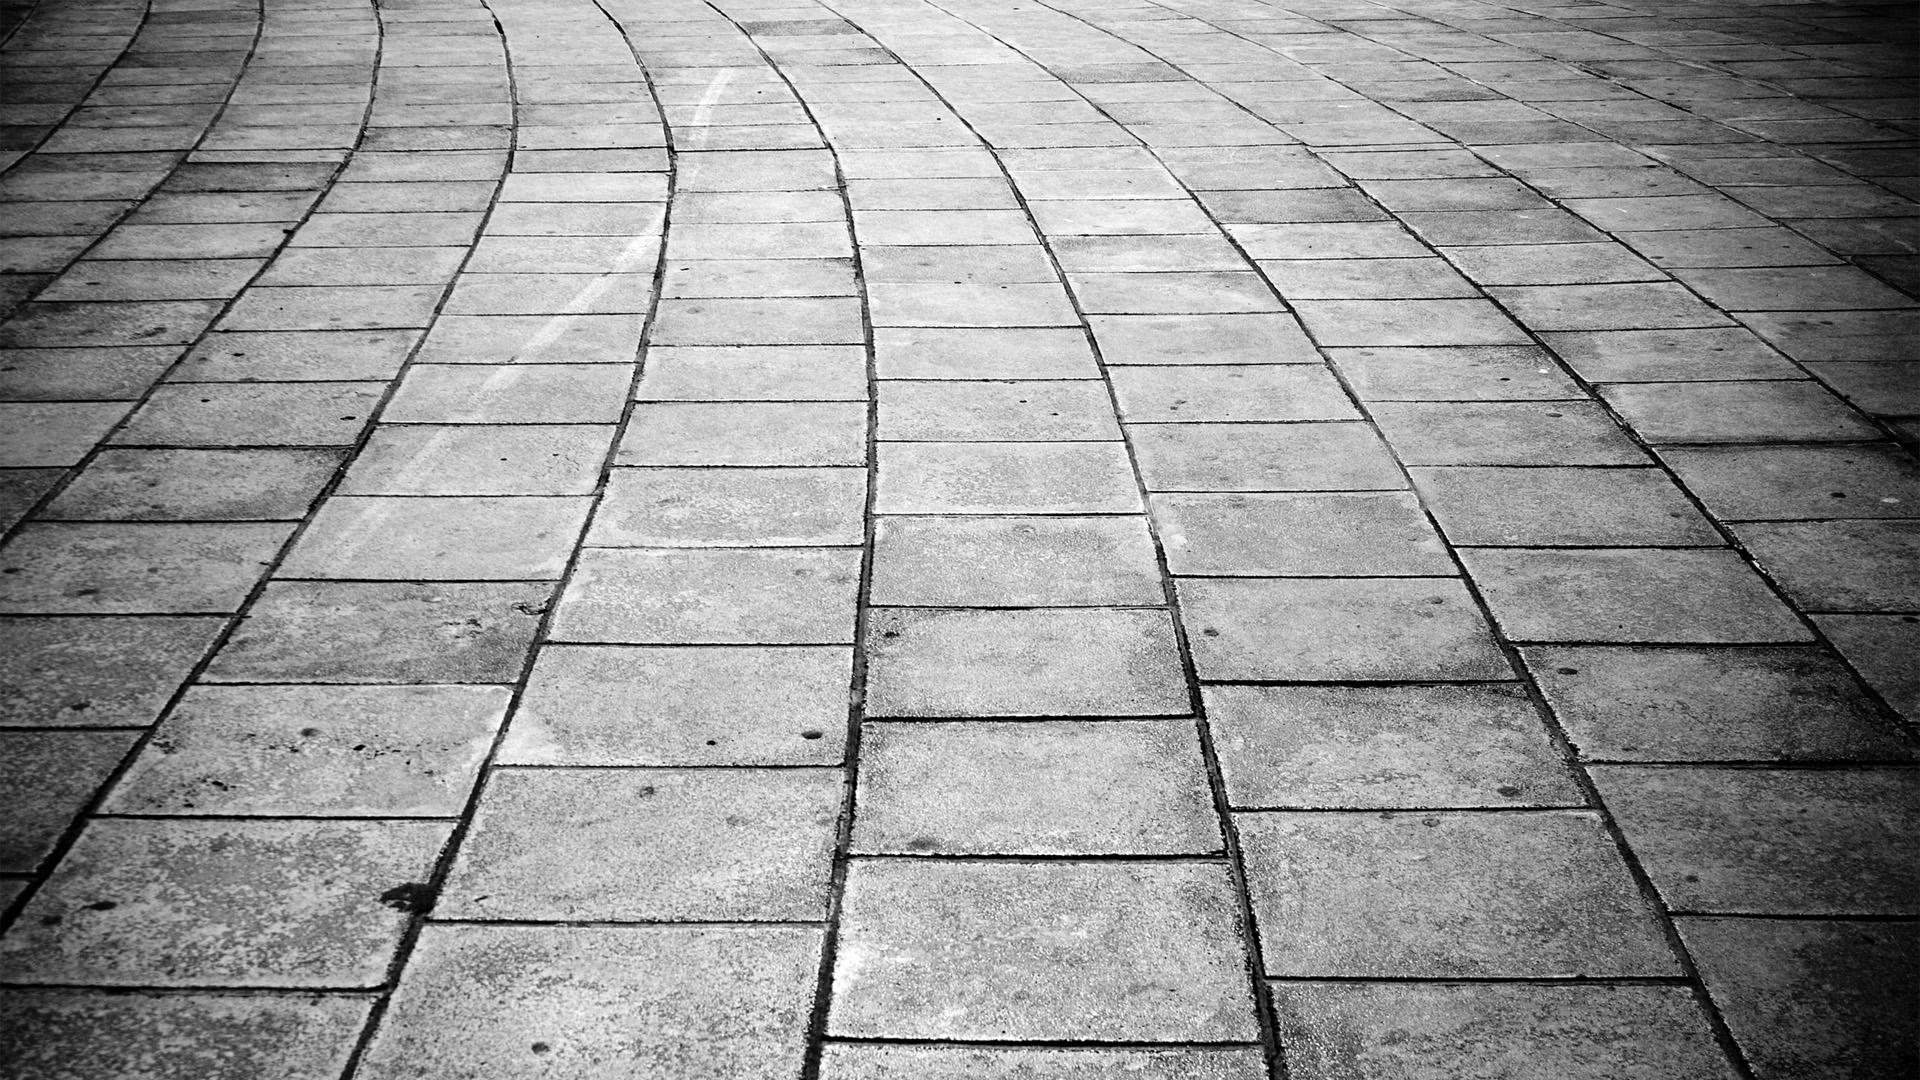 Sfondi : monocromo ciottolo cielo parete strada simmetria